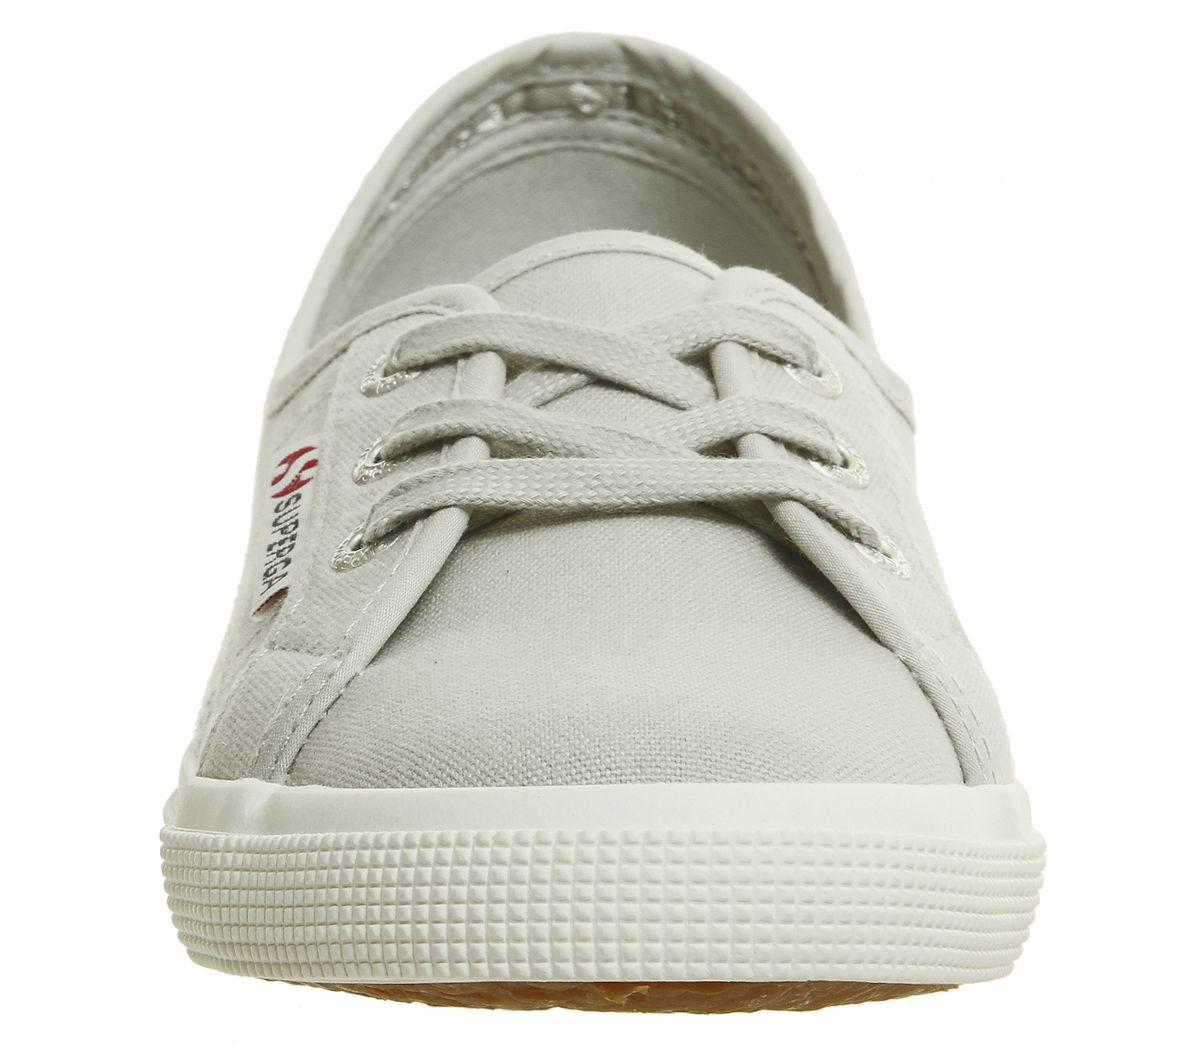 De Superga 2211 Entrenadores Gris Mujer Zapatillas BlancasEbay OXiuPwZTk